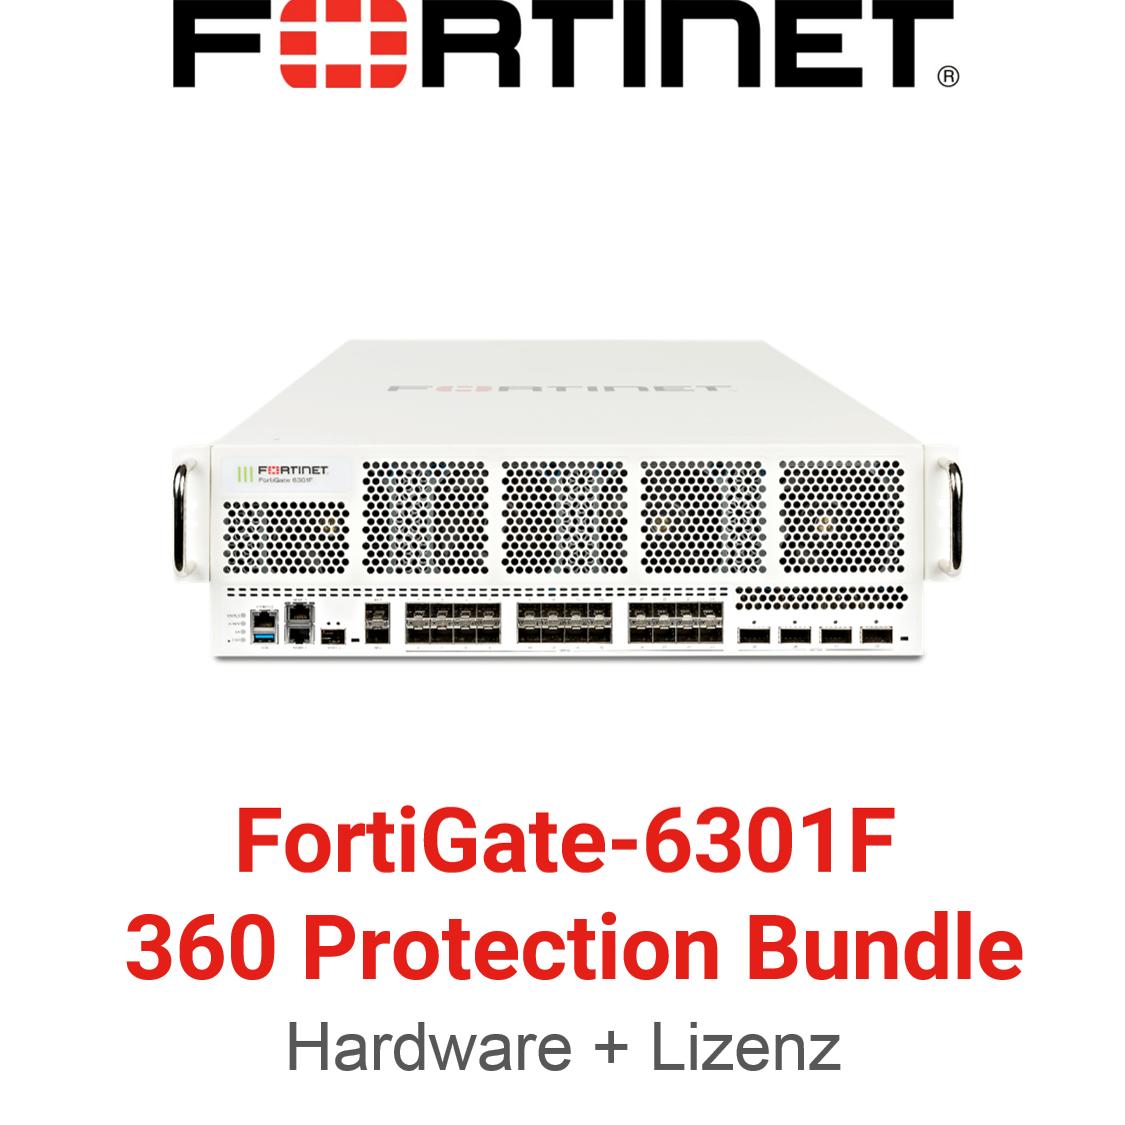 Fortinet FortiGate-6301F - 360 Bundle (Hardware + Lizenz)